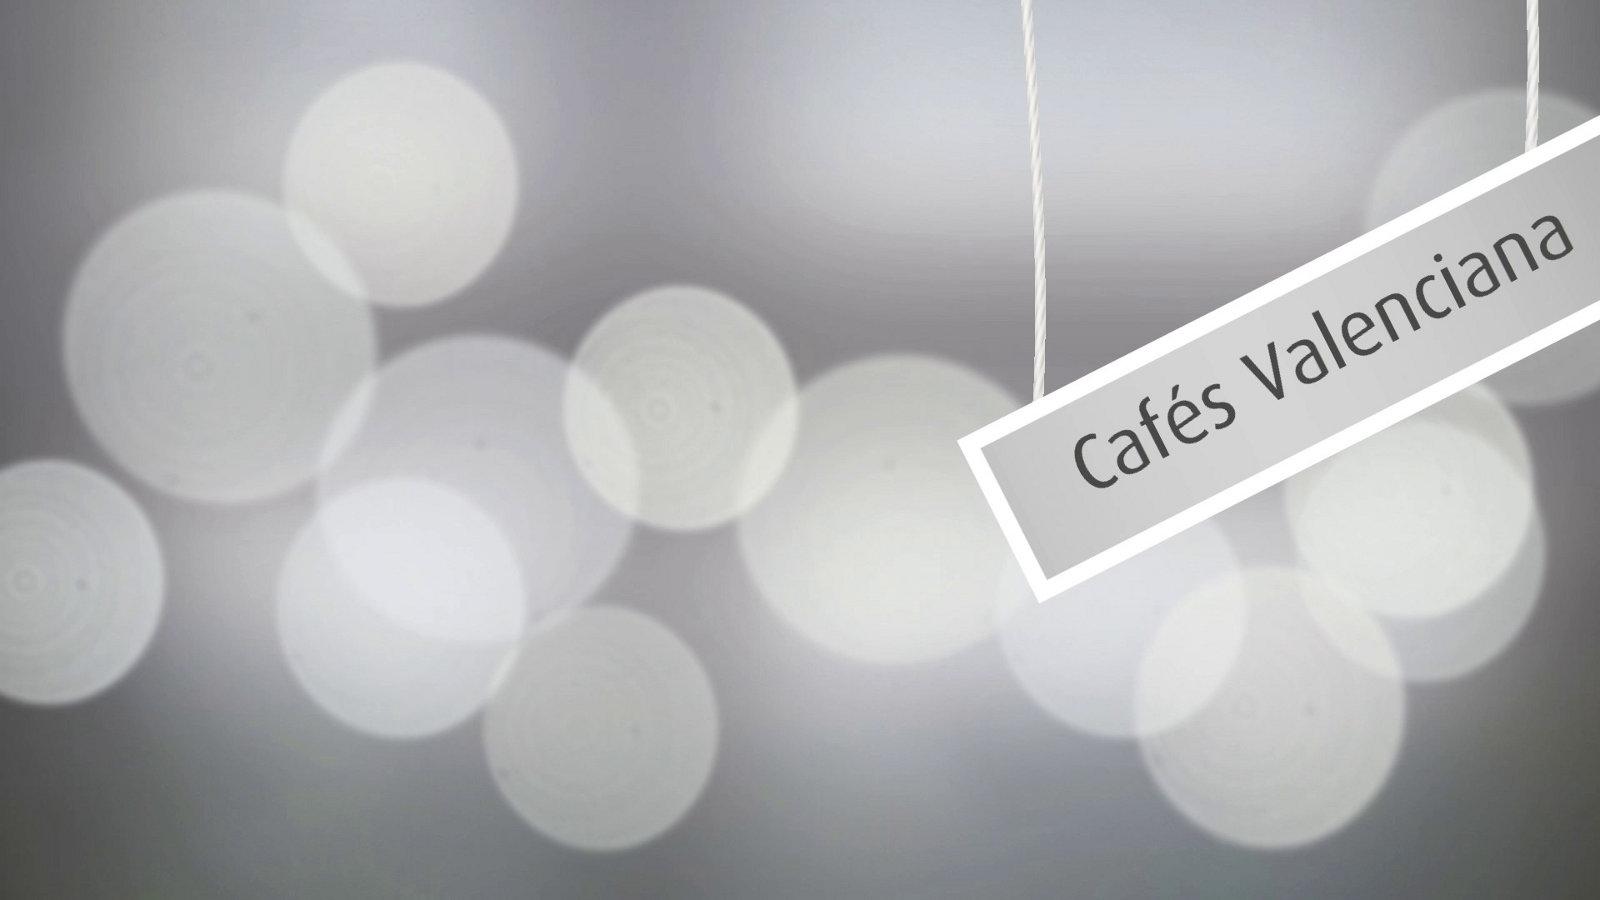 vlcsnap-2012-12-08-16h27m03s109